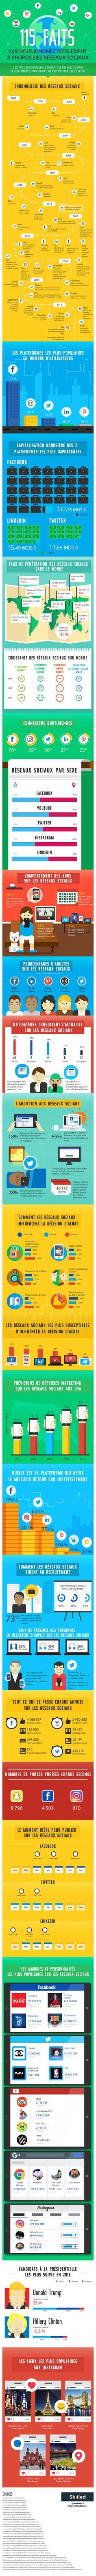 Les réseaux sociaux sont devenus partie intégrante de la vie quotidienne et des habitudes de consommation de leurs utilisateurs. Histoire, audiences, crois